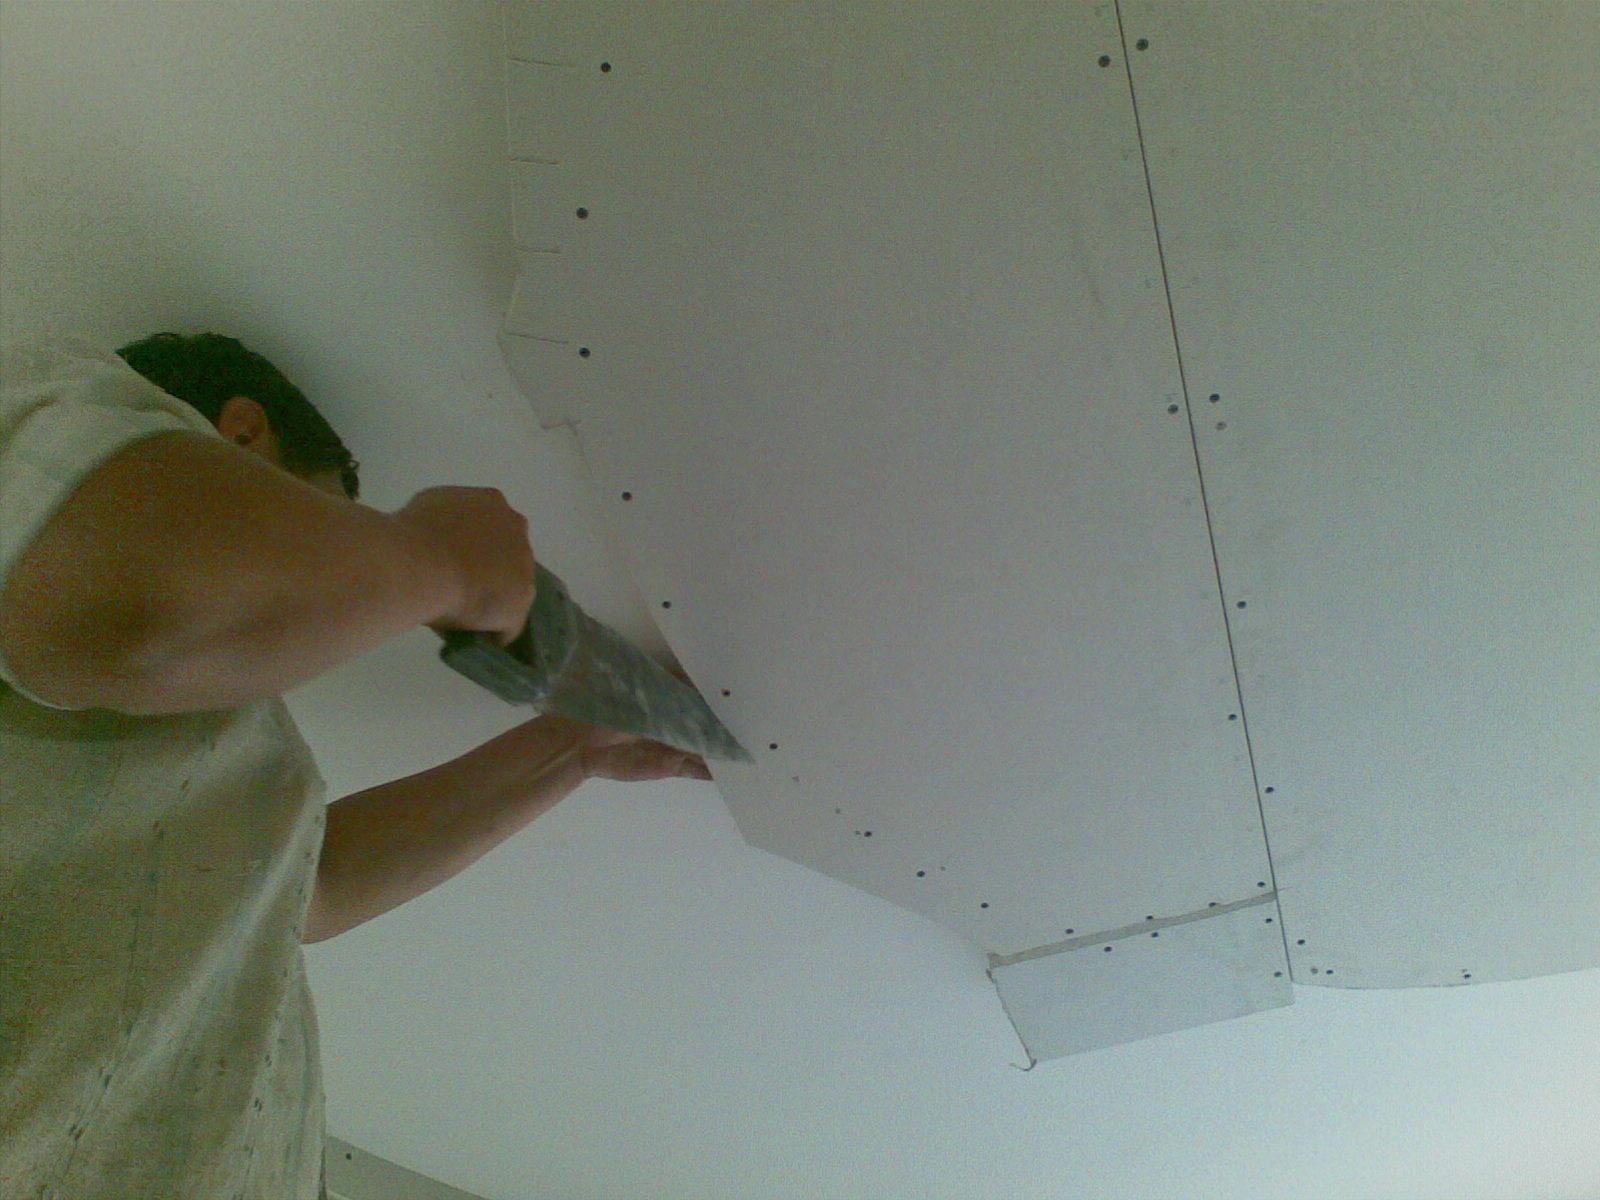 Для того чтобы ваш потолок получился ровным, красивым и качественным, не стоит экономить на материалах для ремонта